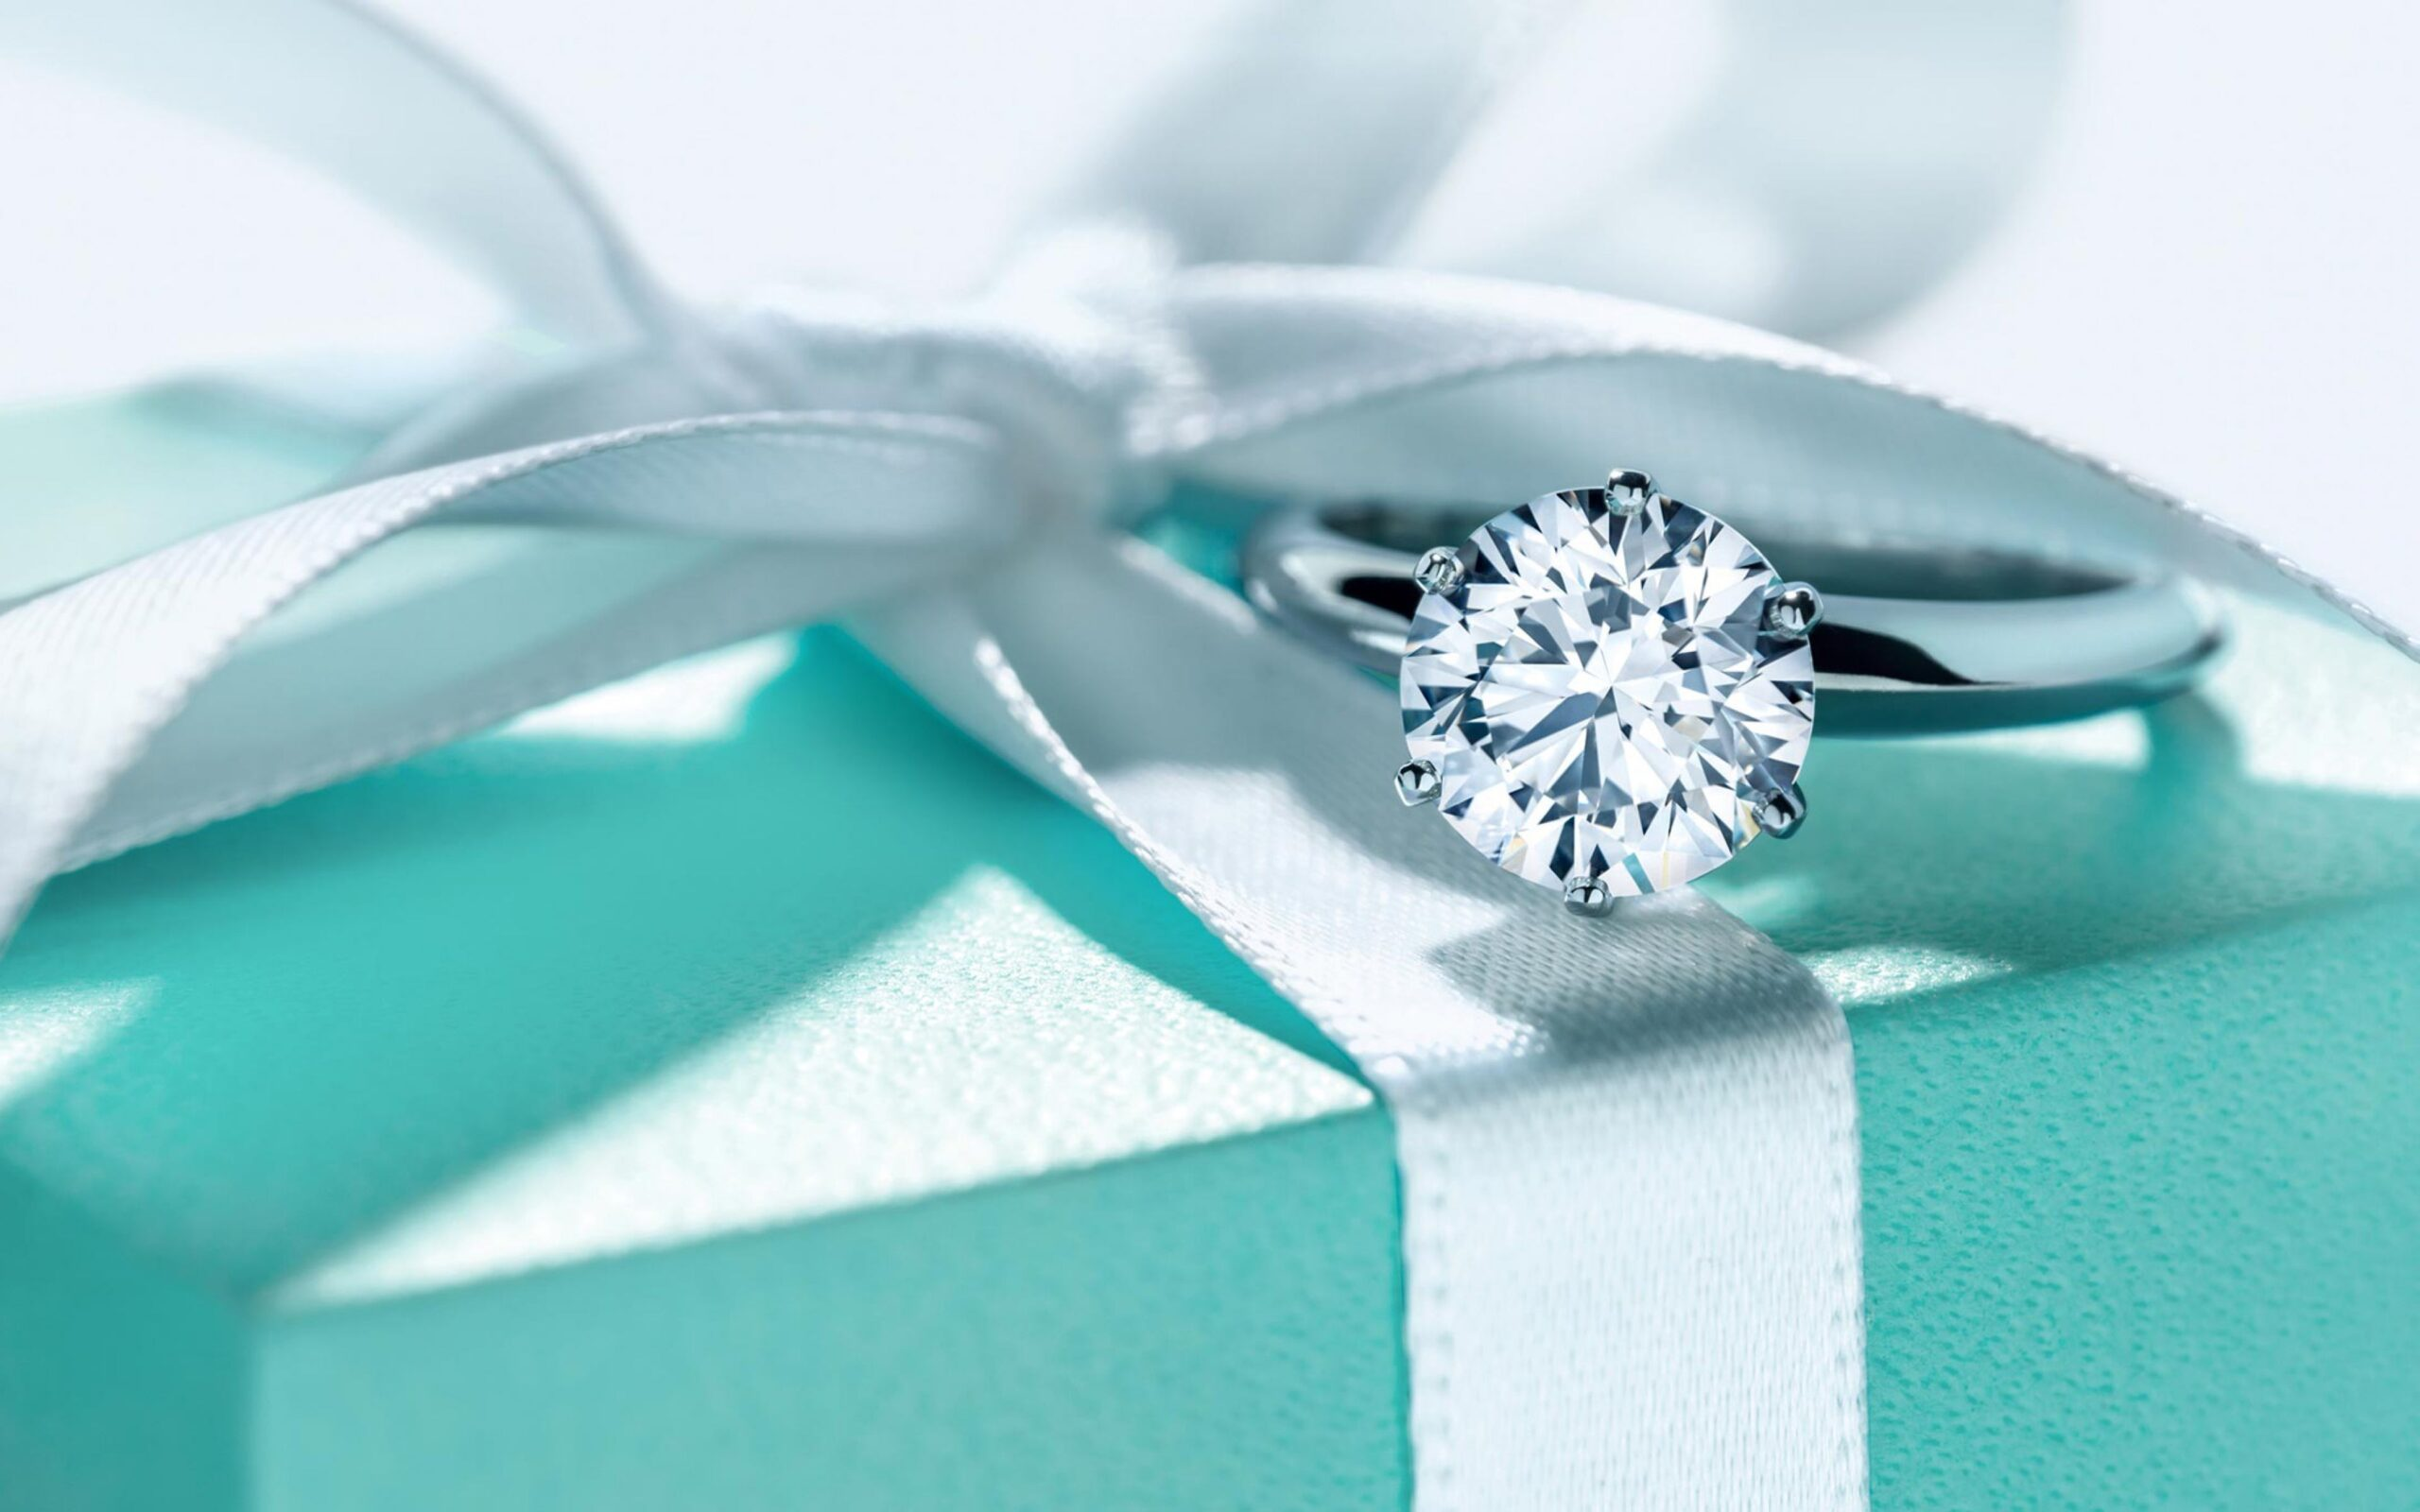 8 oggetti per la casa color Tiffany, da regalarti per questa primavera